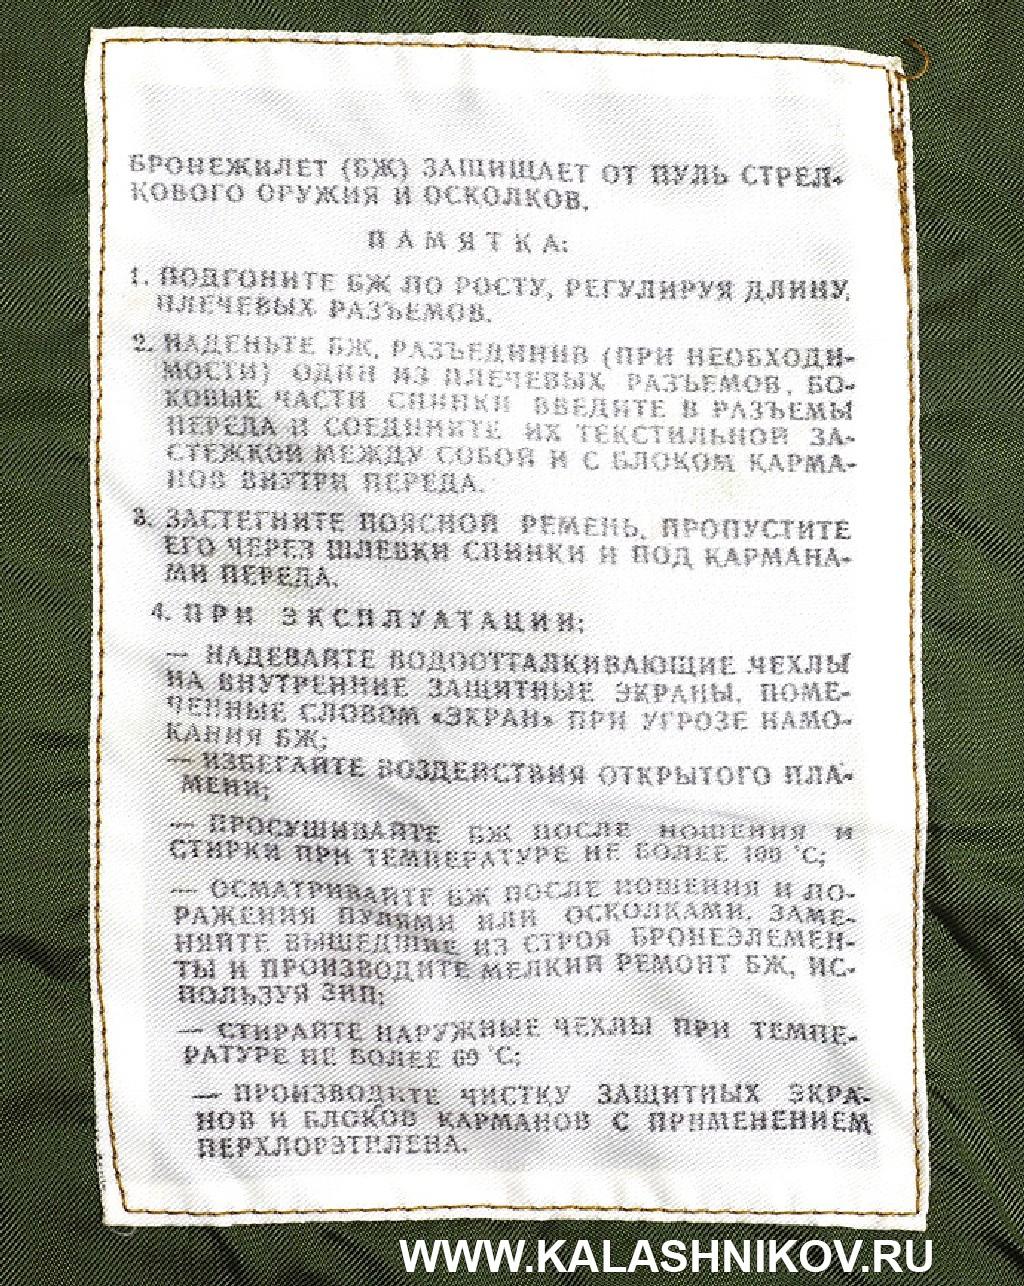 Руководство пользователя бронежилета 6Б5